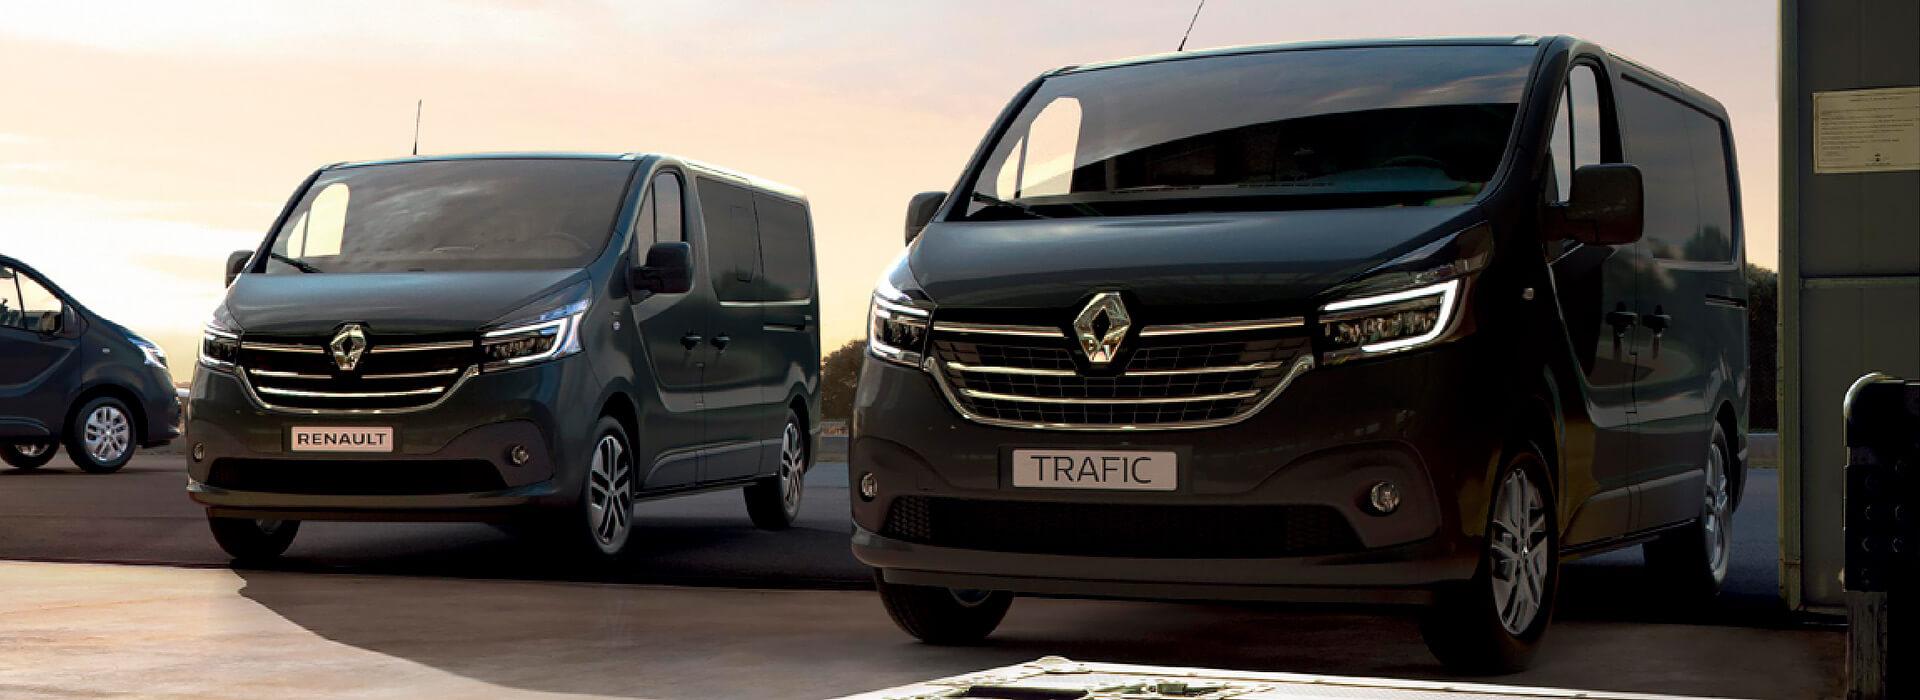 DC Motors Renault Finance